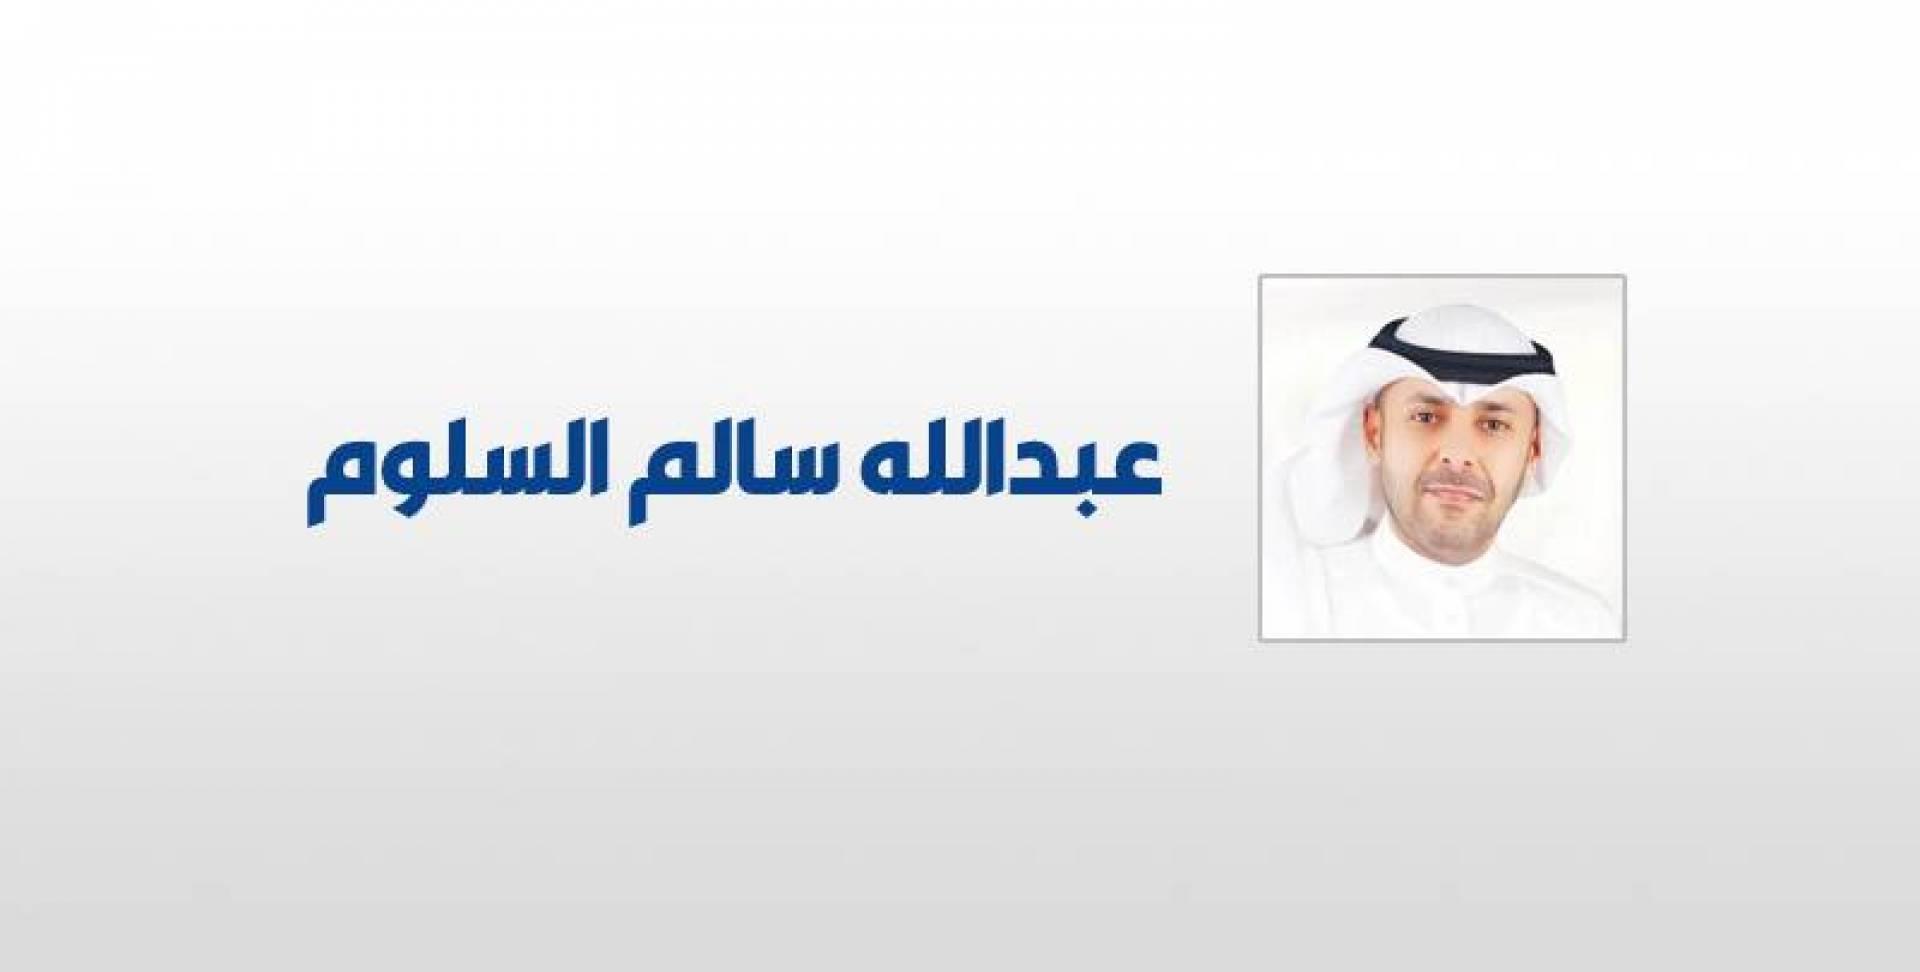 عبدالله سالم السلوم